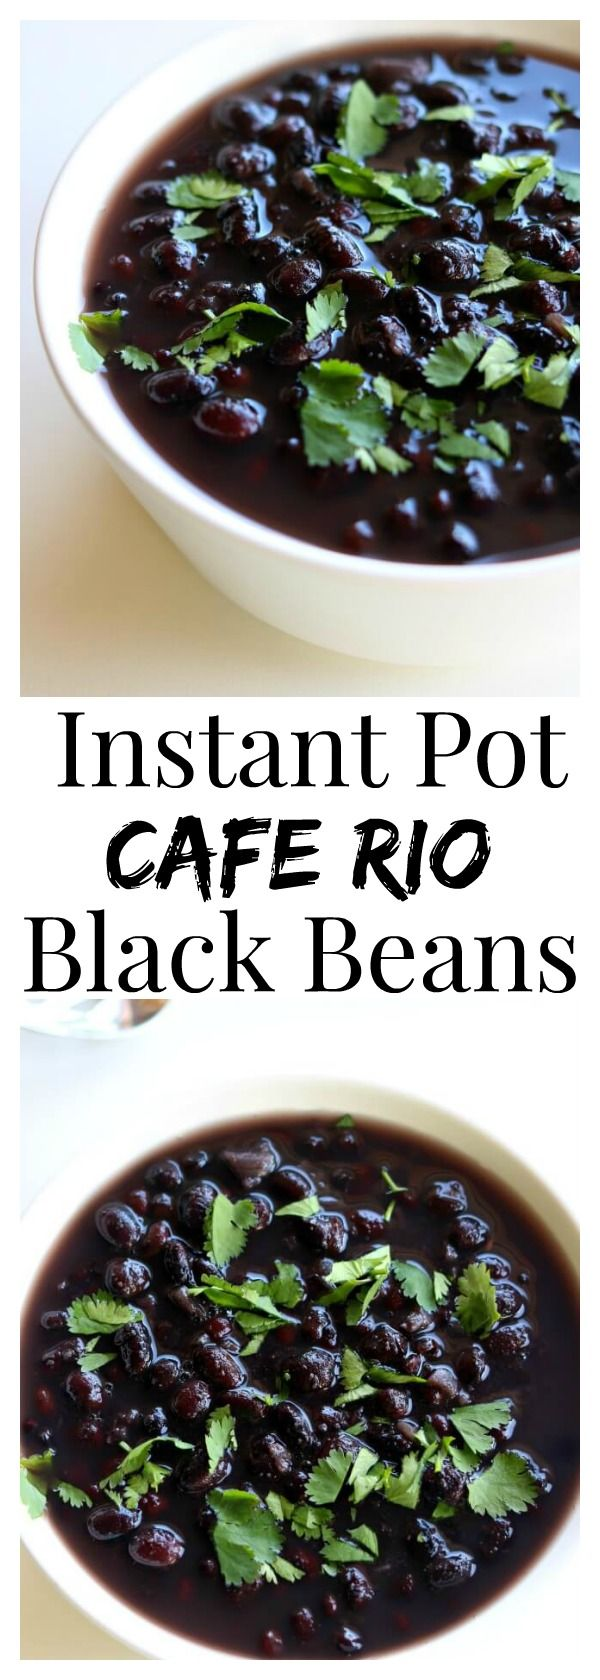 Cafe Rio Black Beans Instant Pot